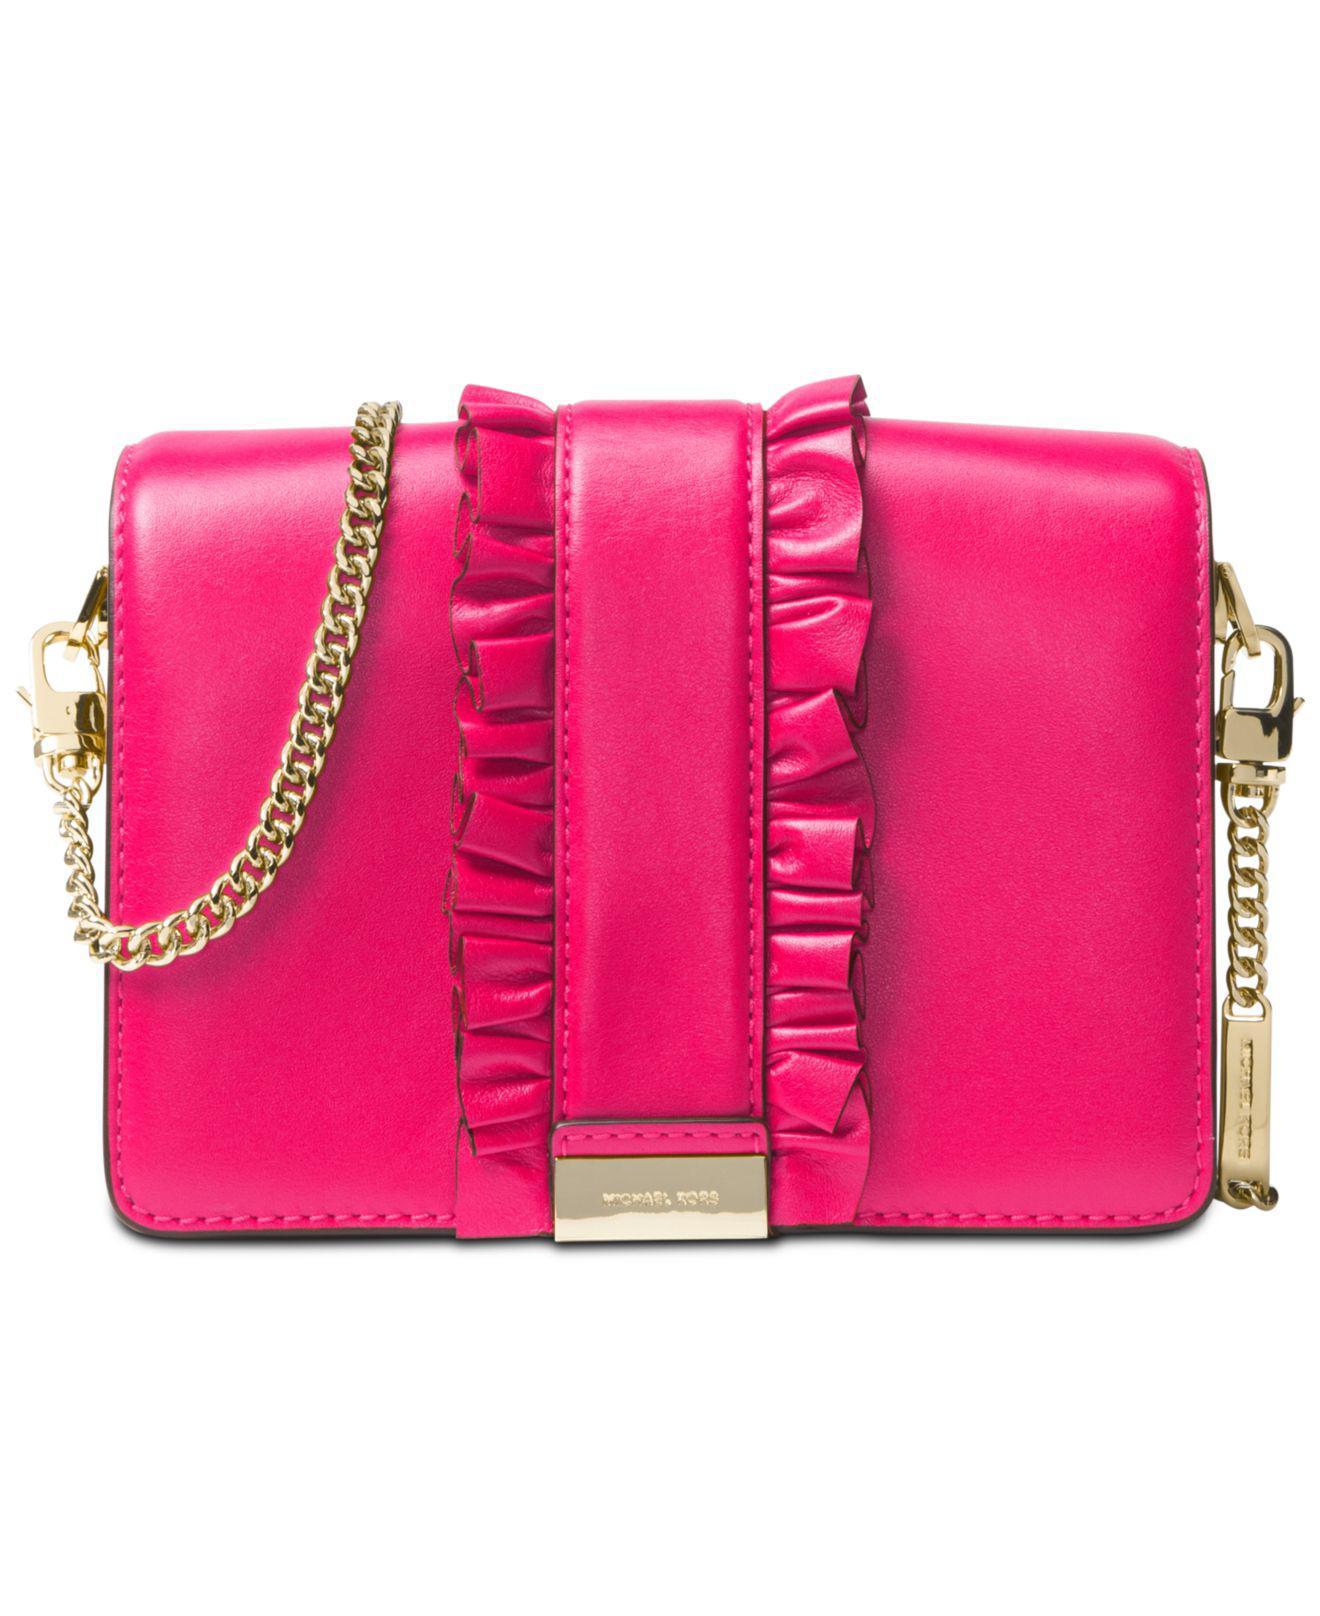 dd079e58e256 Michael Kors Jade Medium Gusset Clutch in Pink - Lyst